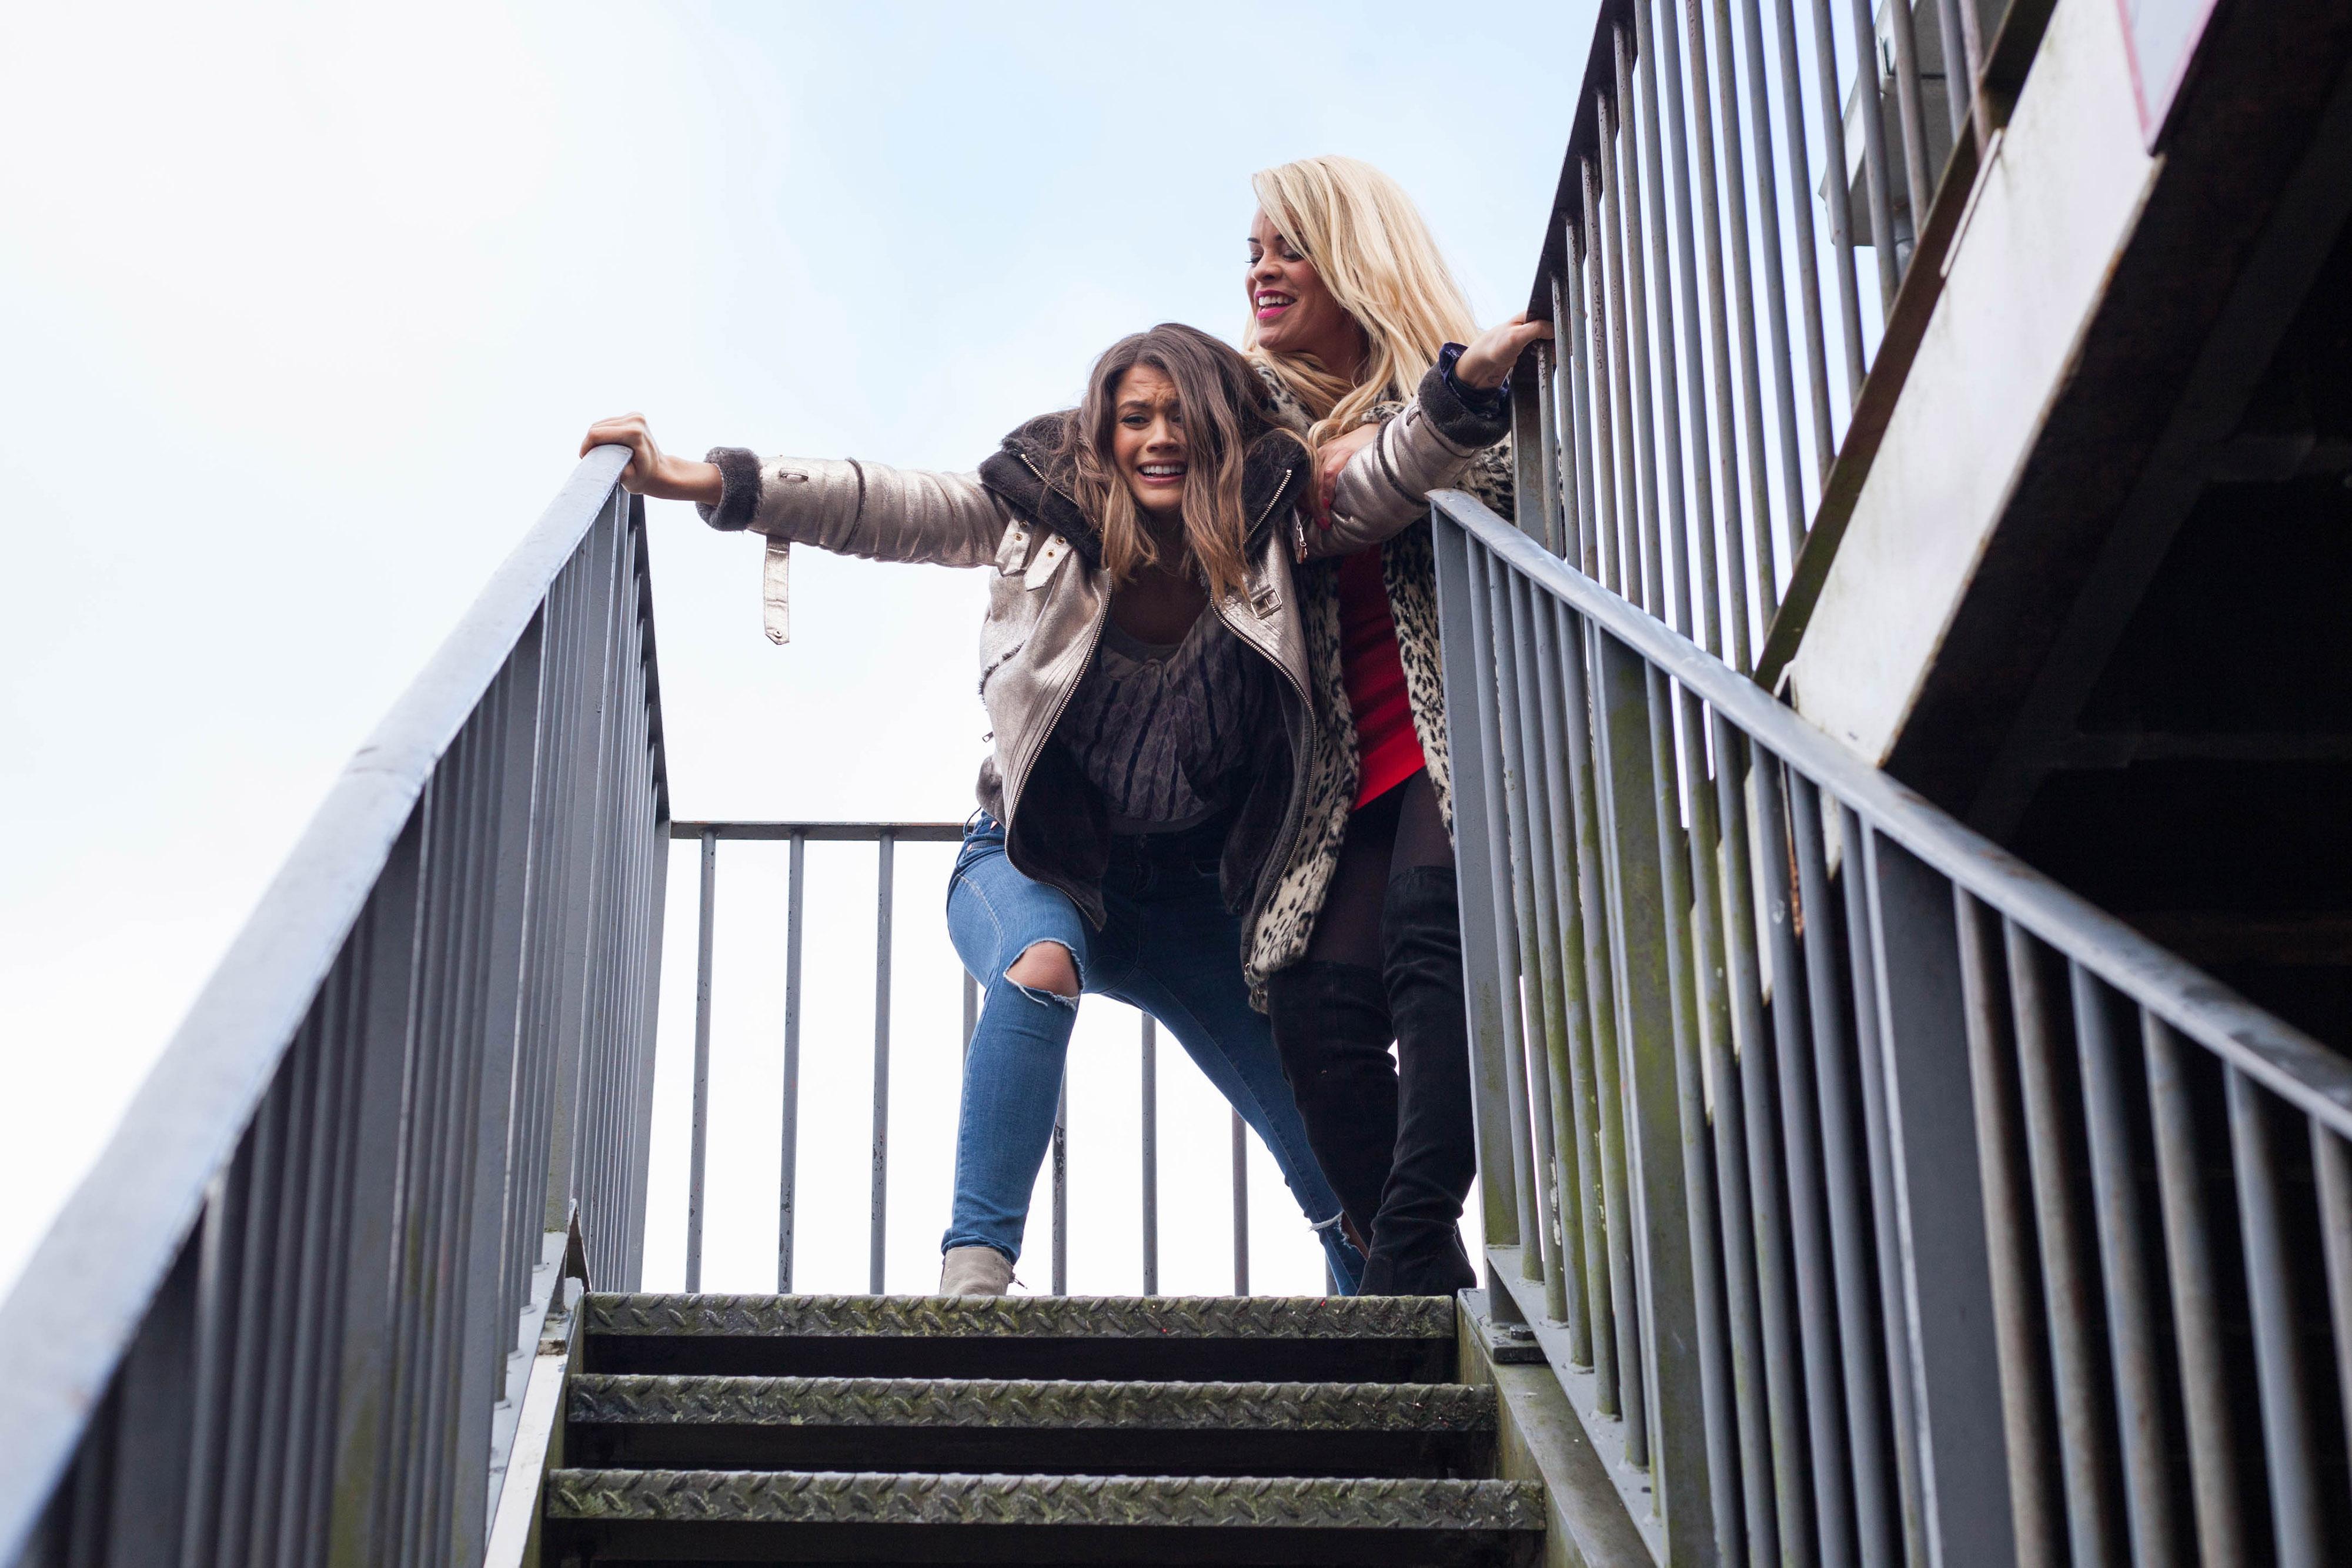 Hollyoaks spoilers: Ellie Nightingale in danger as Grace Black attacks her over Glenn Donovan